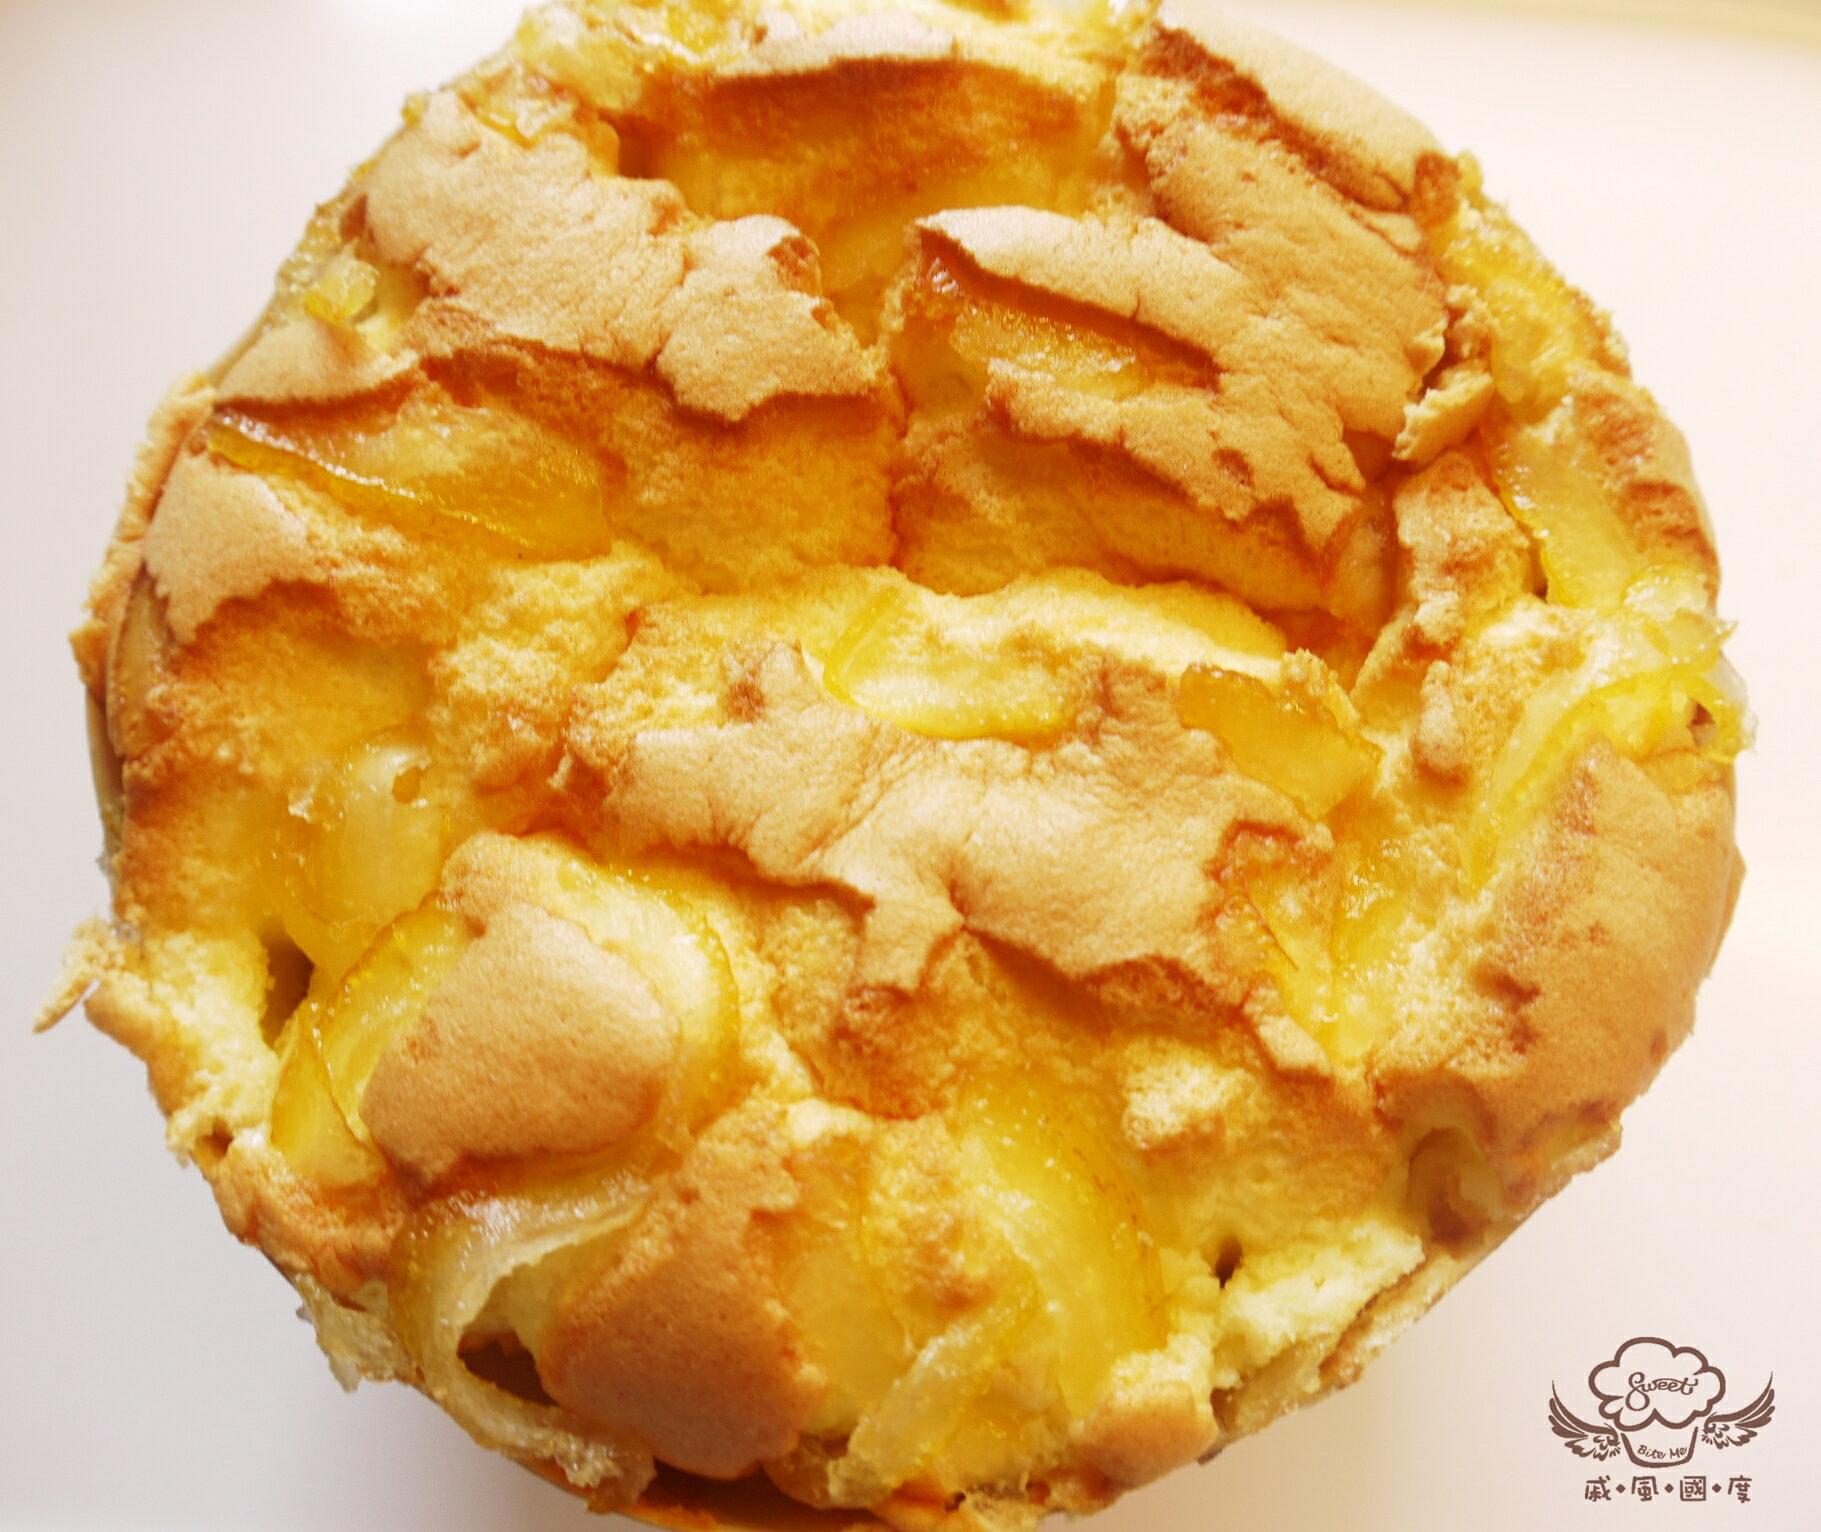 【戚風國度bite me】日本柚戚風,古早蛋糕的韻味,加上創新的新滋味,每一口都吃的到香柚的酸甜幸福感![彌月、團購、伴手禮首選]